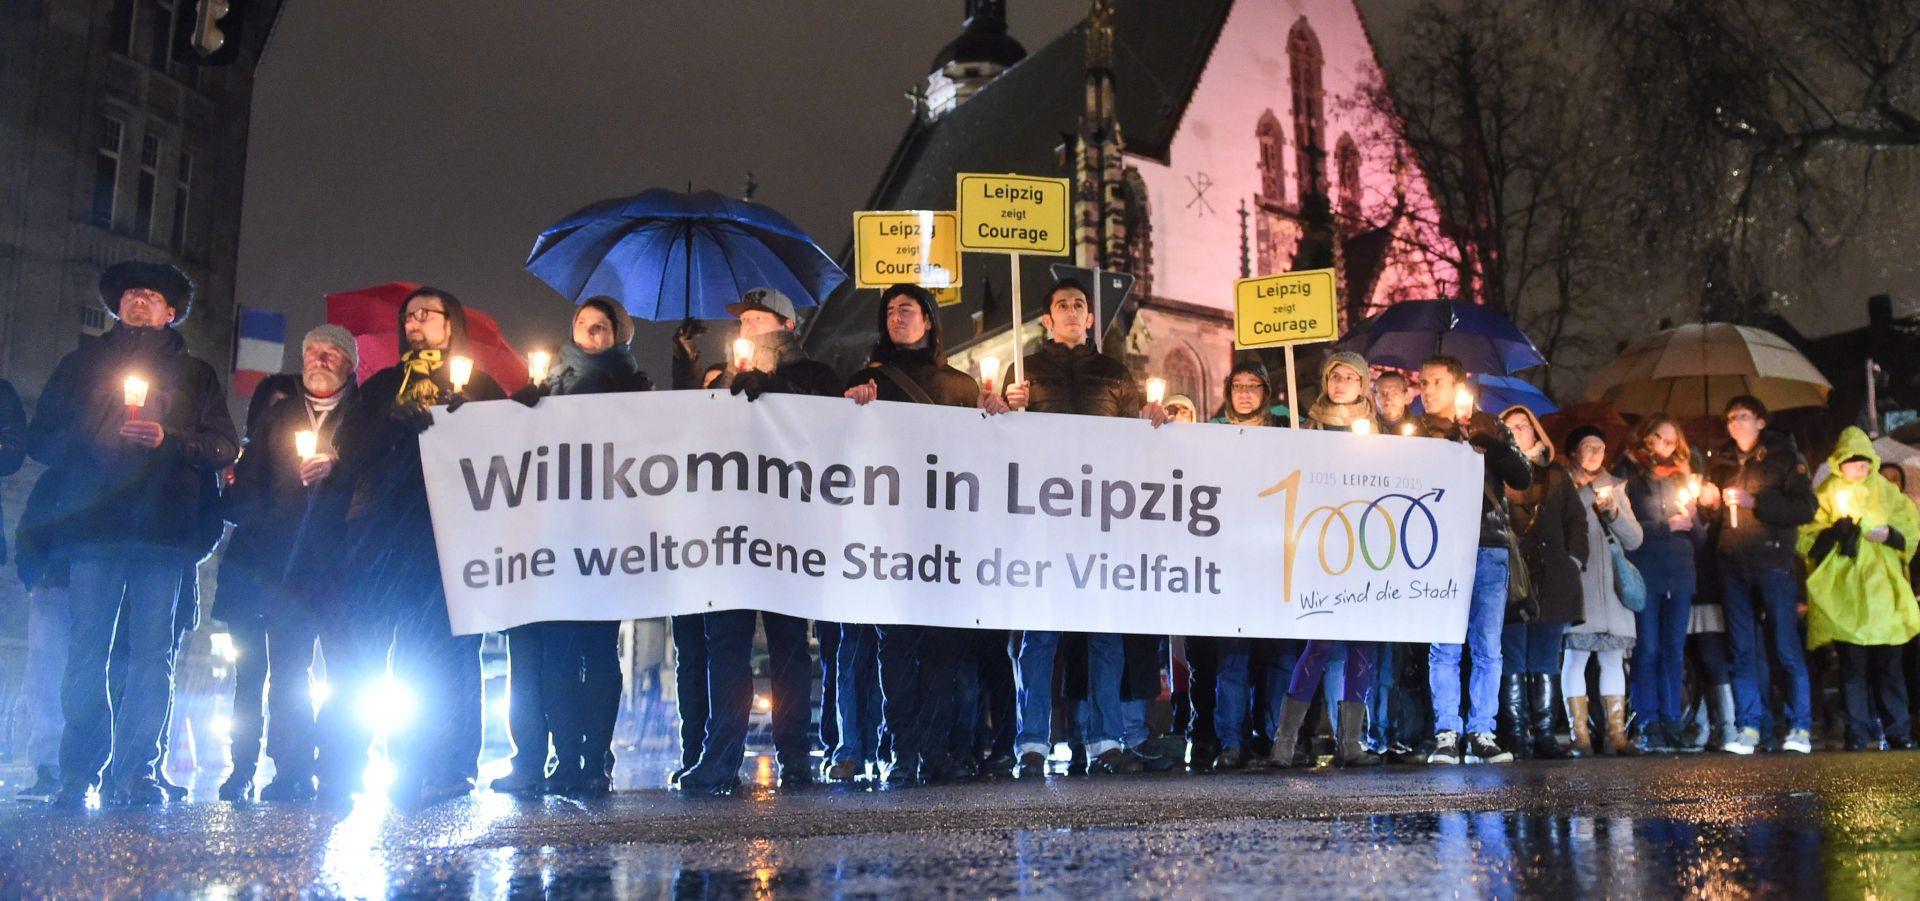 Tisuće protivnika migranata prosvjedovali u Leipzigu